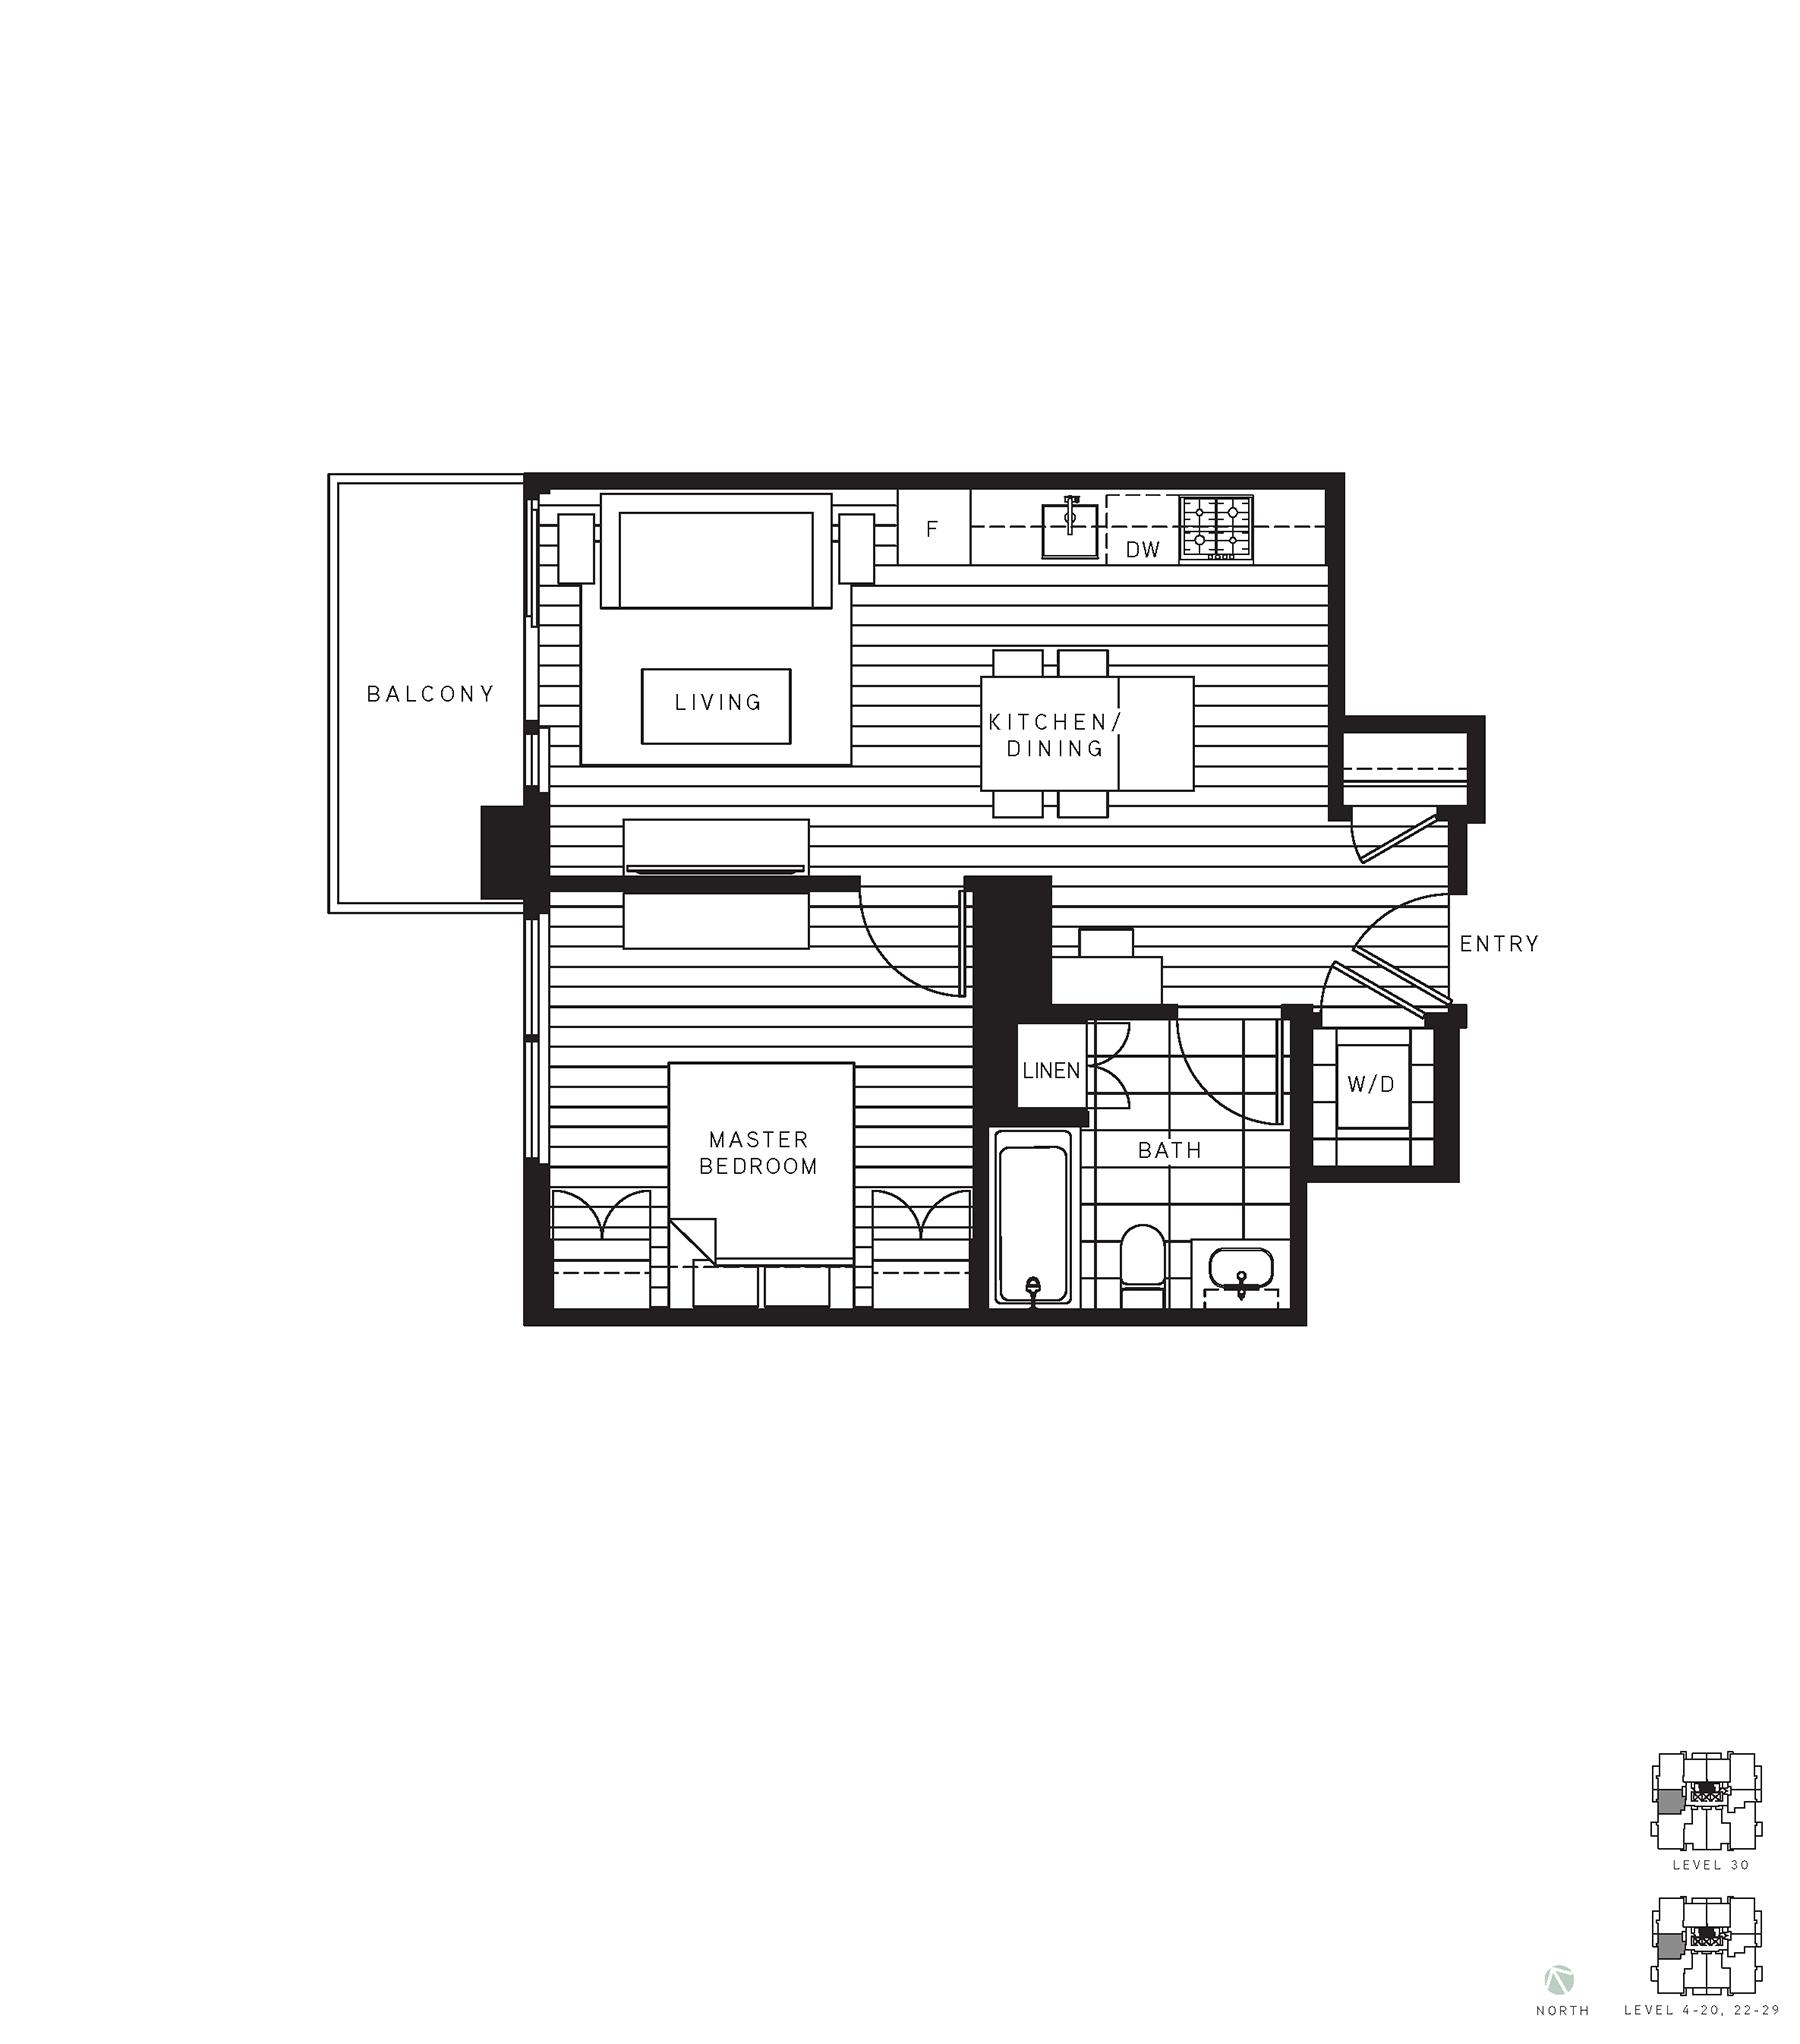 Maywood Floorplan C